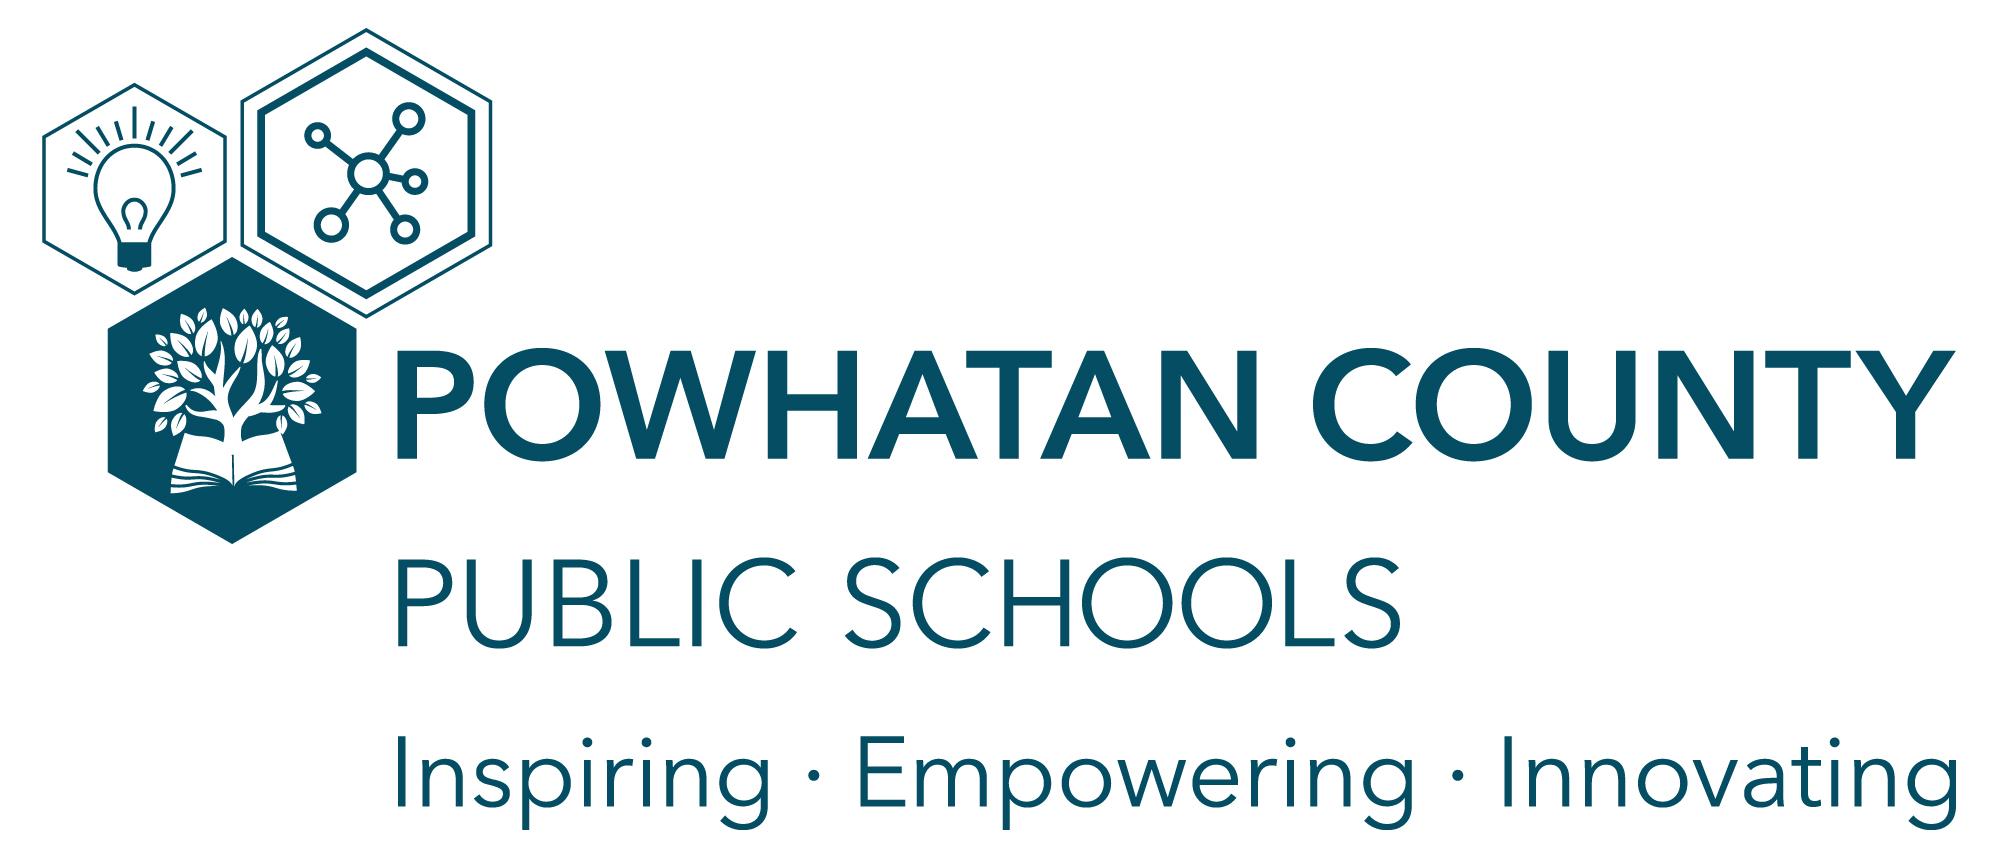 Powhatan County Public Schools